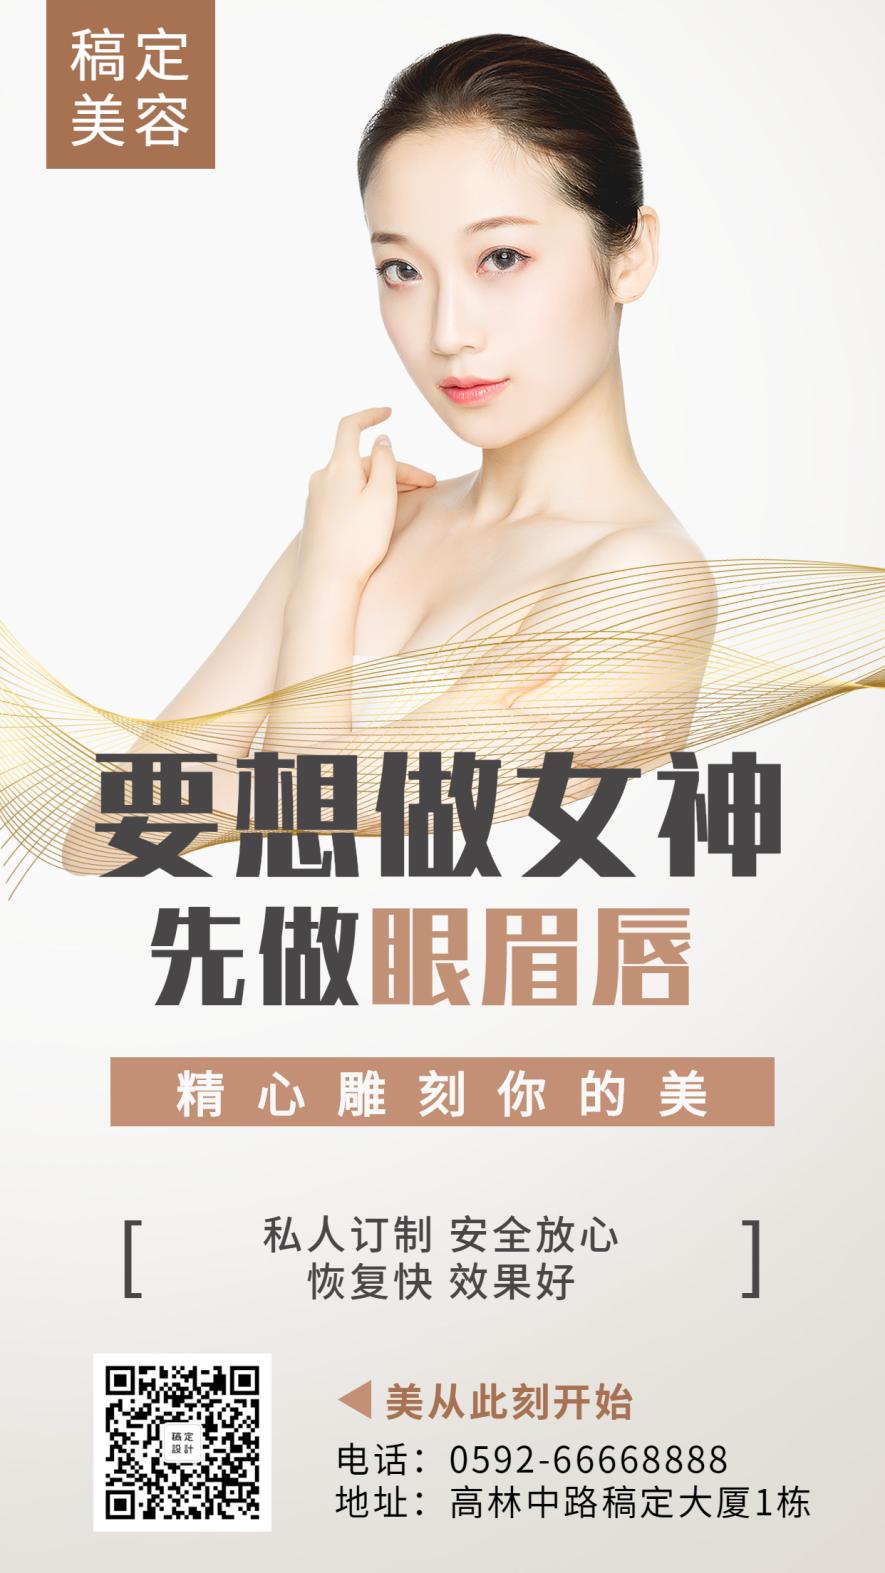 美容/简约质感/活动促销/手机海报